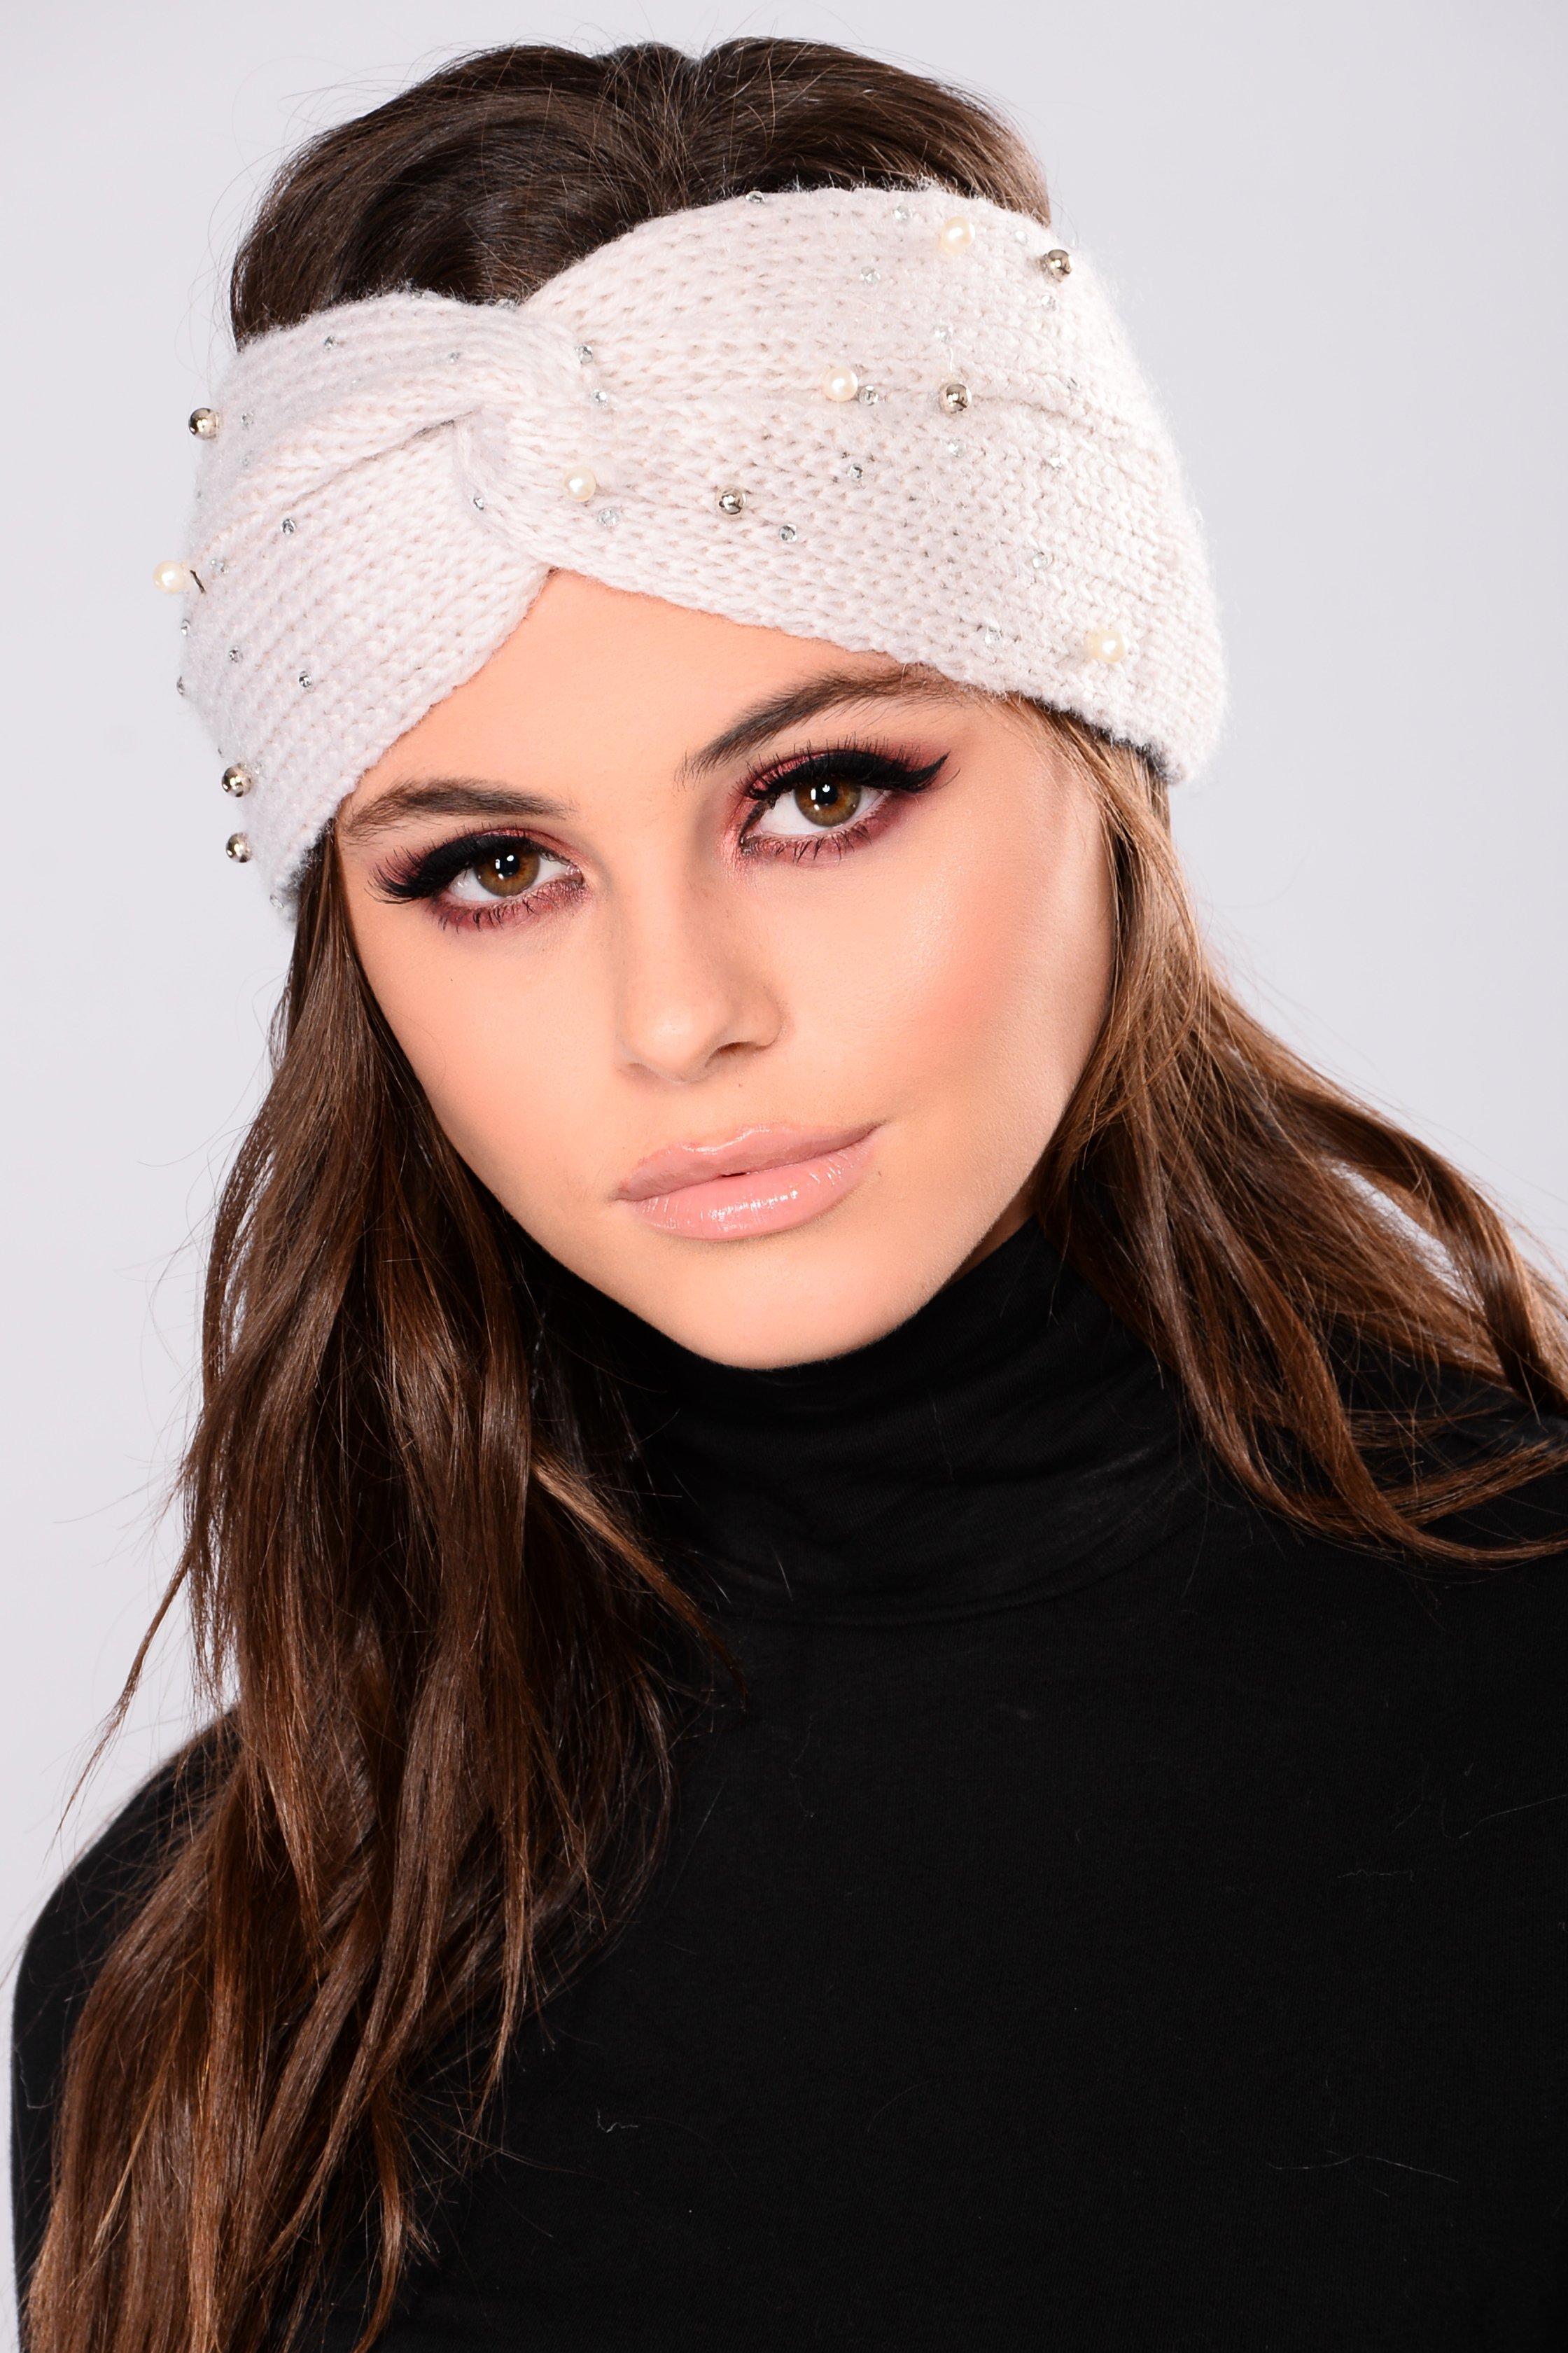 pearl drop knit headband - beige gmrctzh